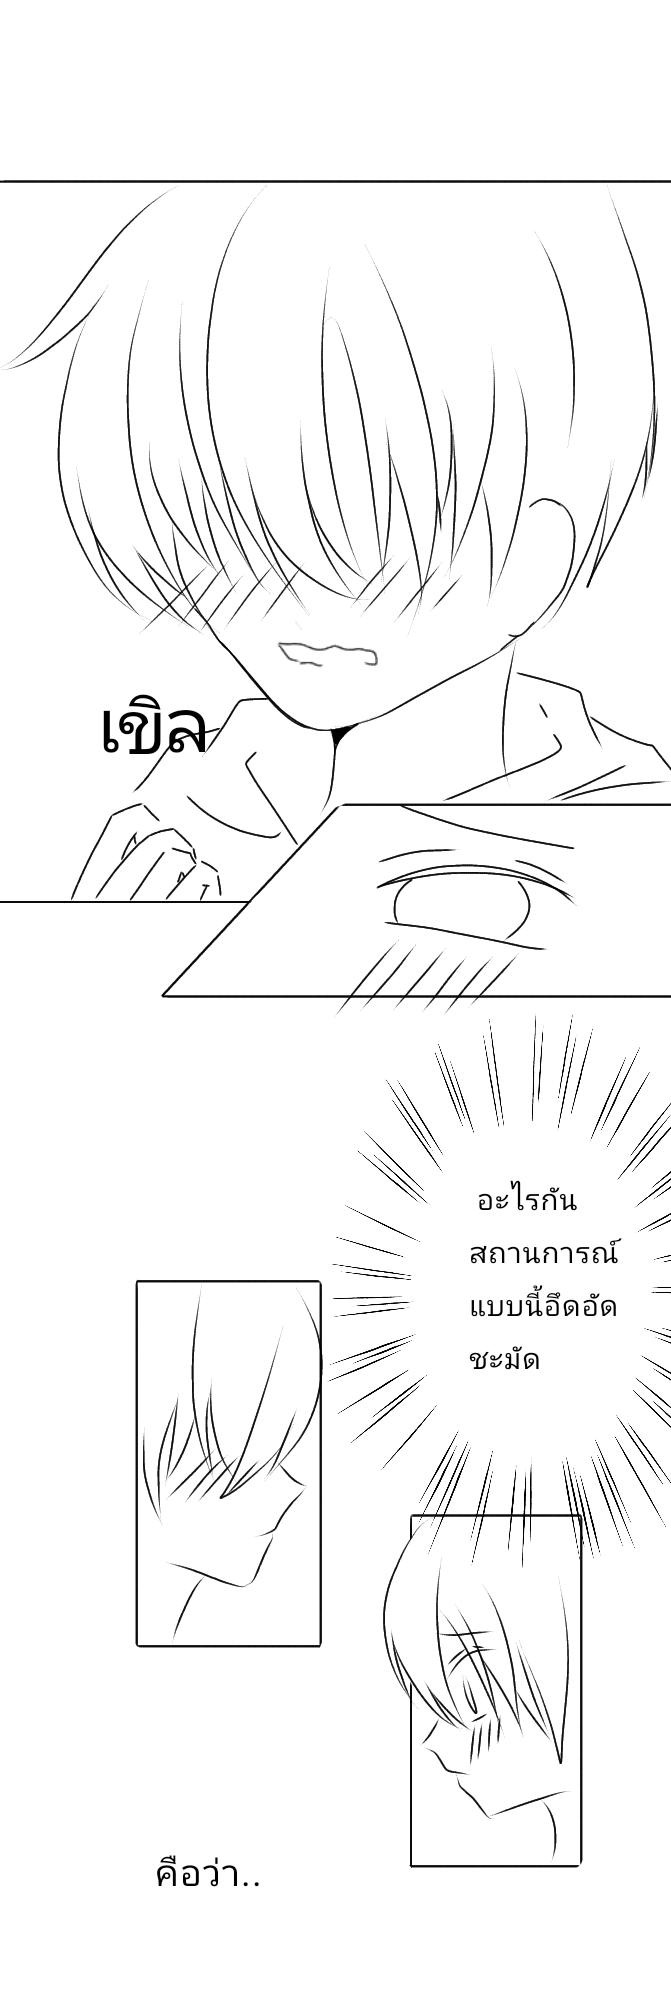 Ep.7 - เอ๊ะ..